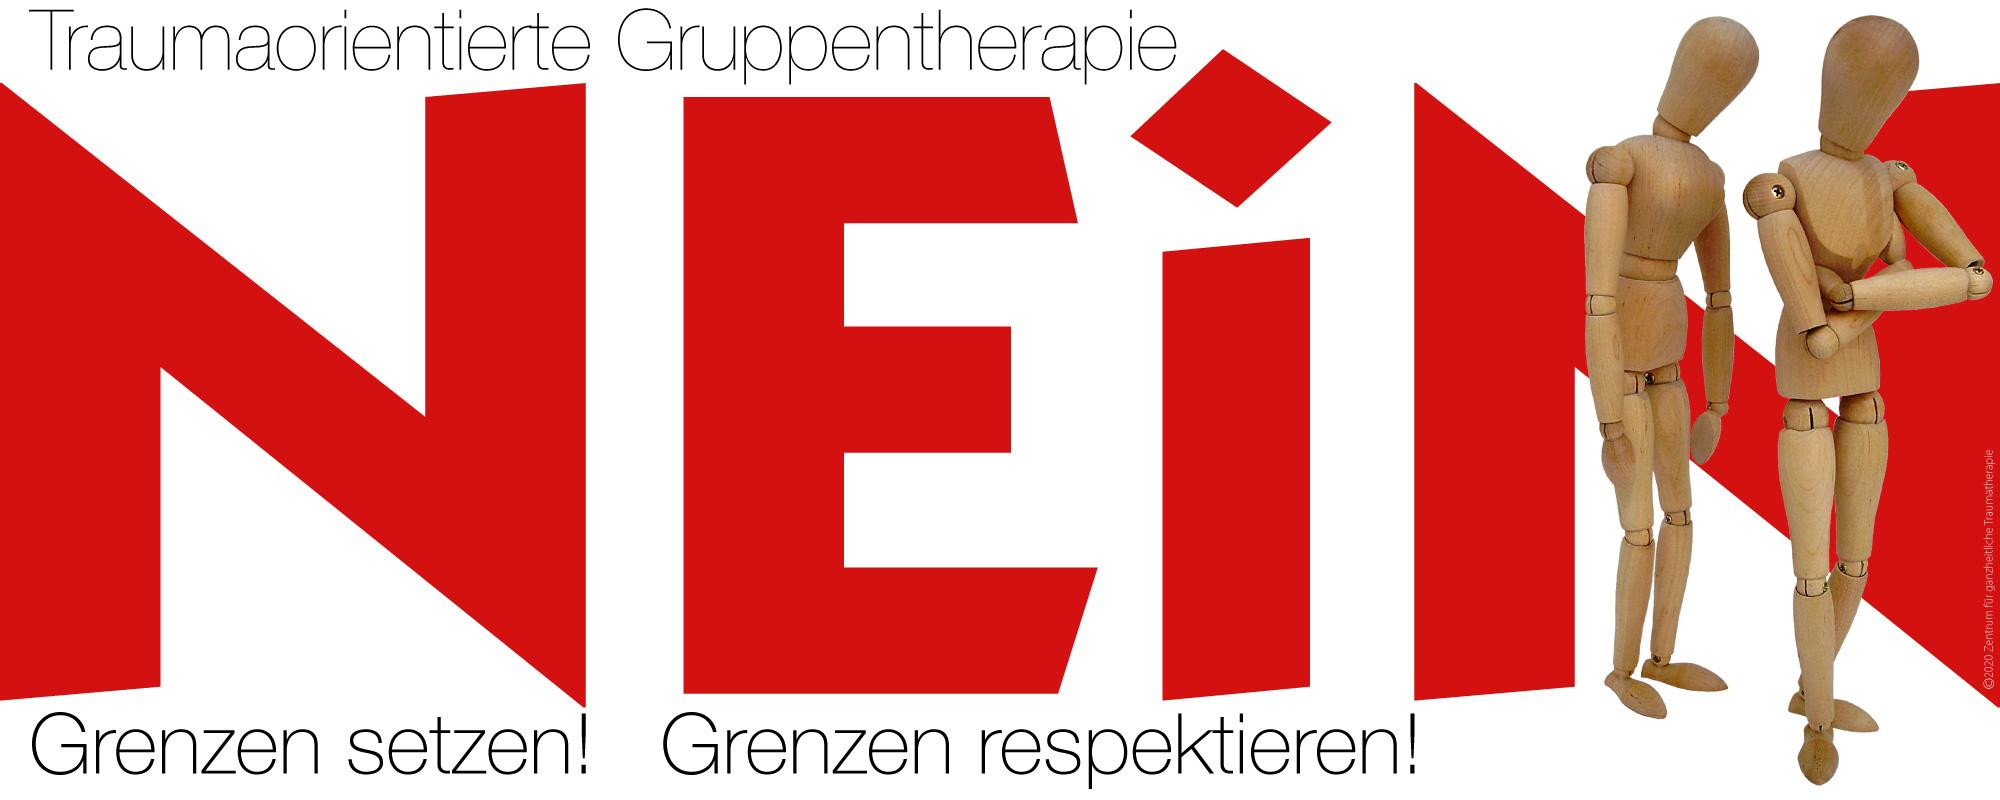 Nein | Traumaorientierte Gruppentherapie im Zentrum für ganzheitliche Traumatherapie | Heilpraktikerin Petra M. Quack